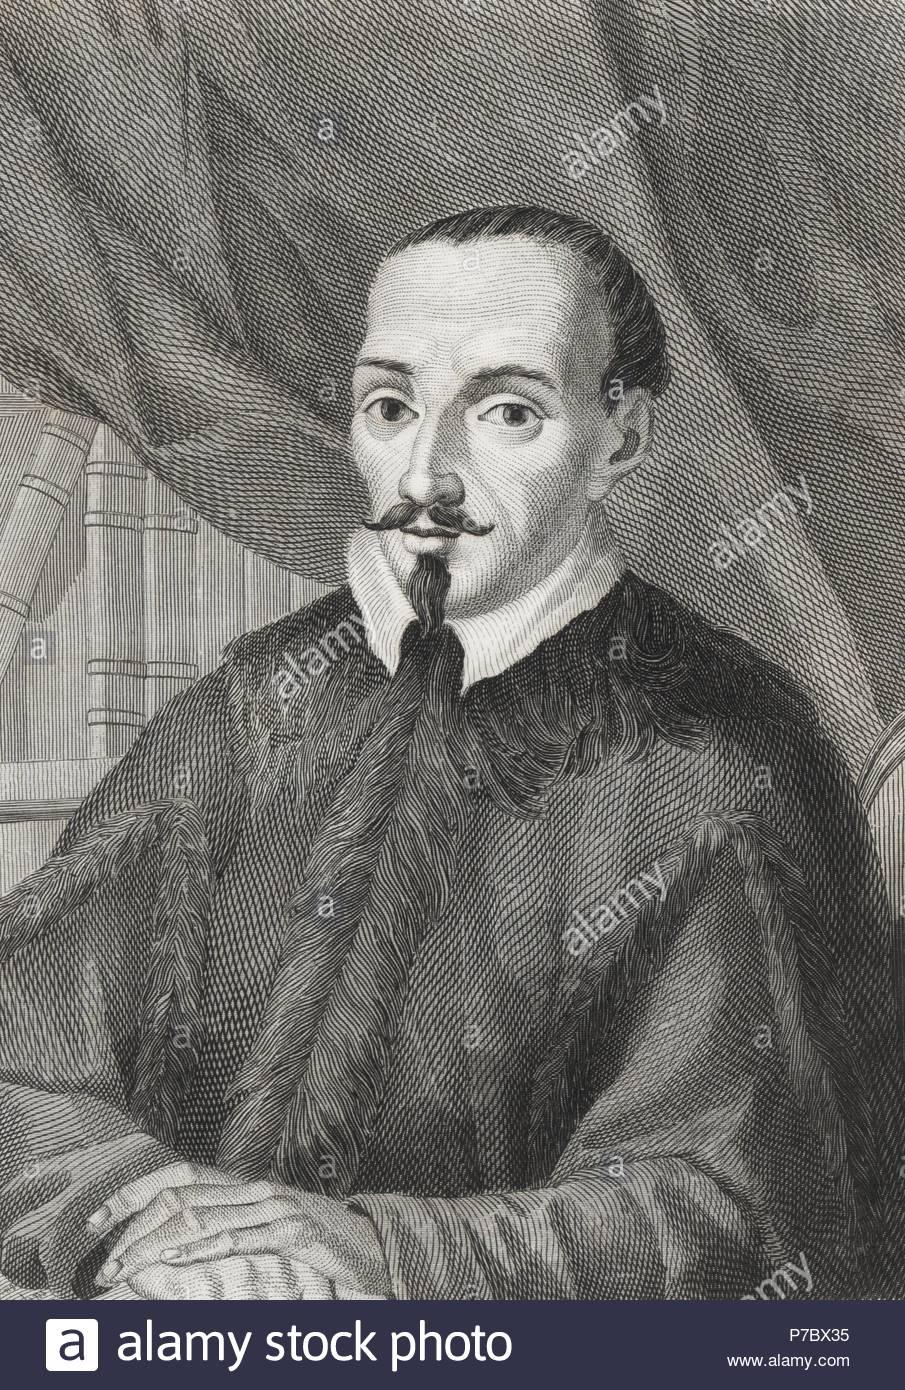 Jerónimo de Zurita y Castro (1512-1580), historiador y cronista aragonés. Grabado de 1853. - Stock Image